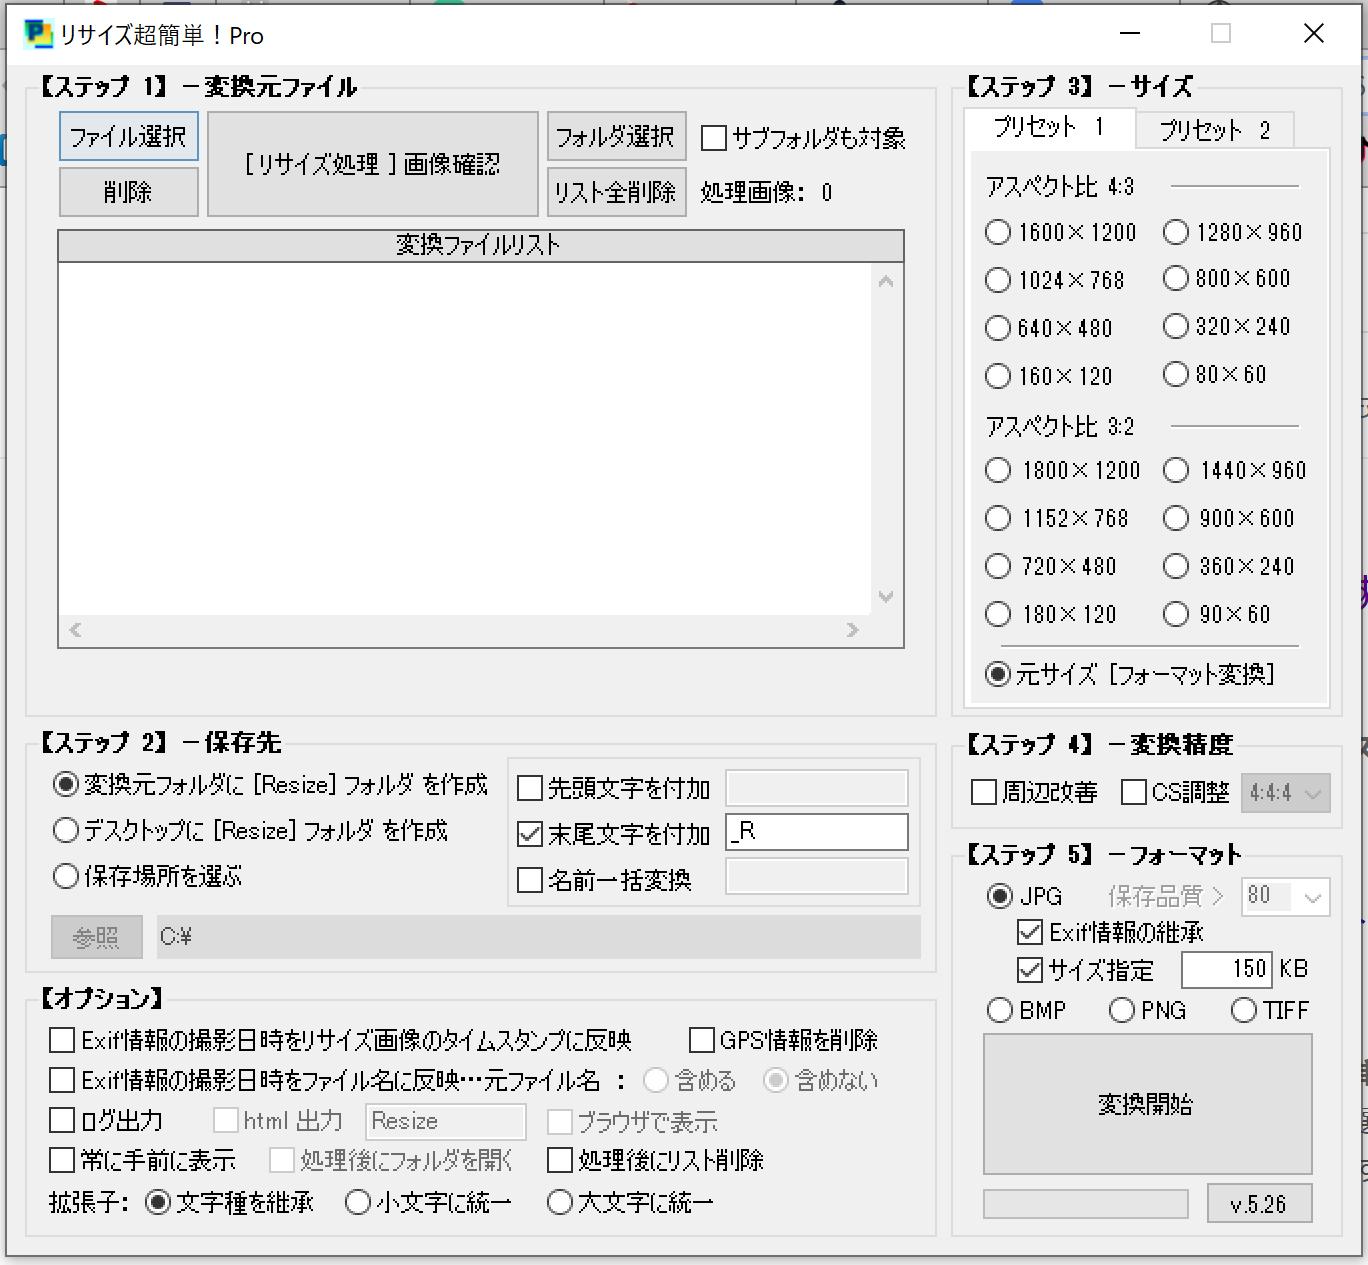 リサイズ超簡単 Proのイメージ画像